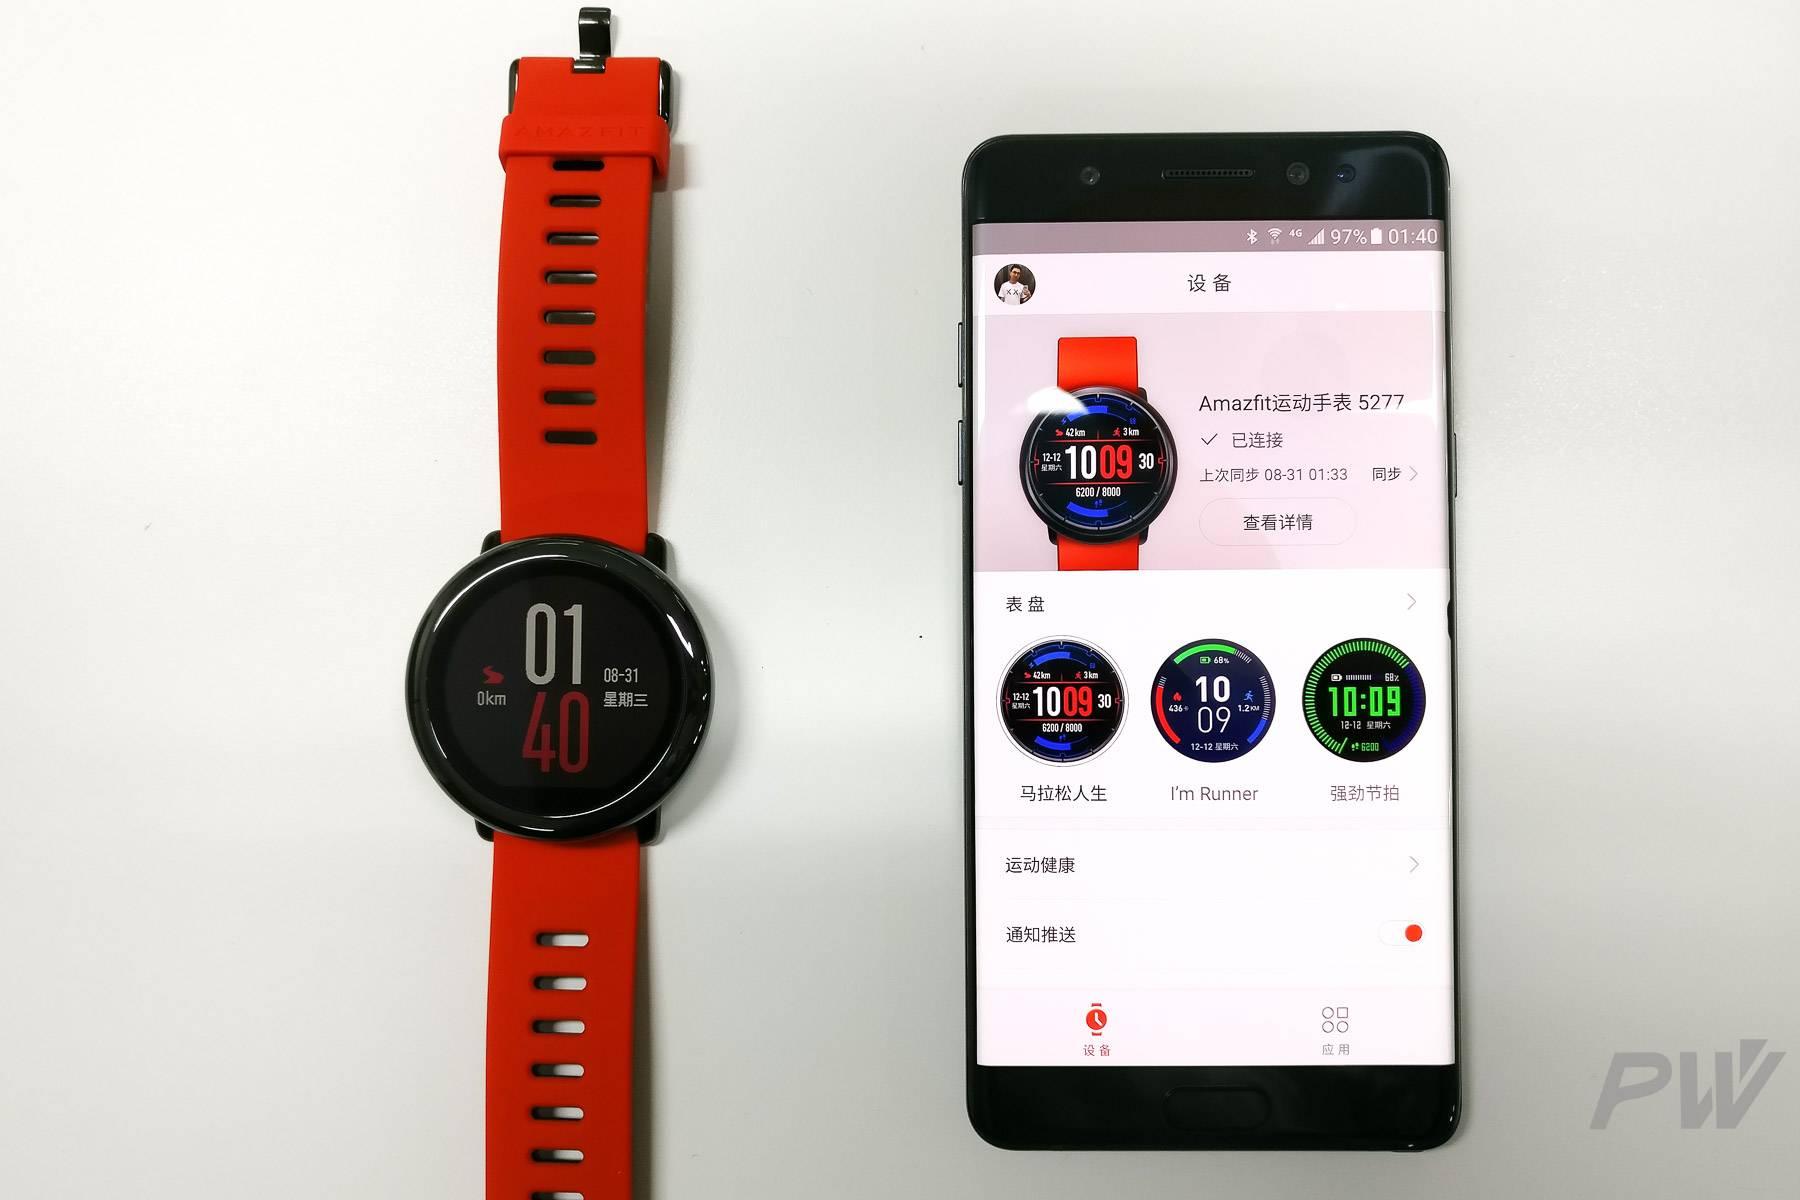 AMAZFIT 手表 app。这款运动表同时也支持介入小米运动客户端。